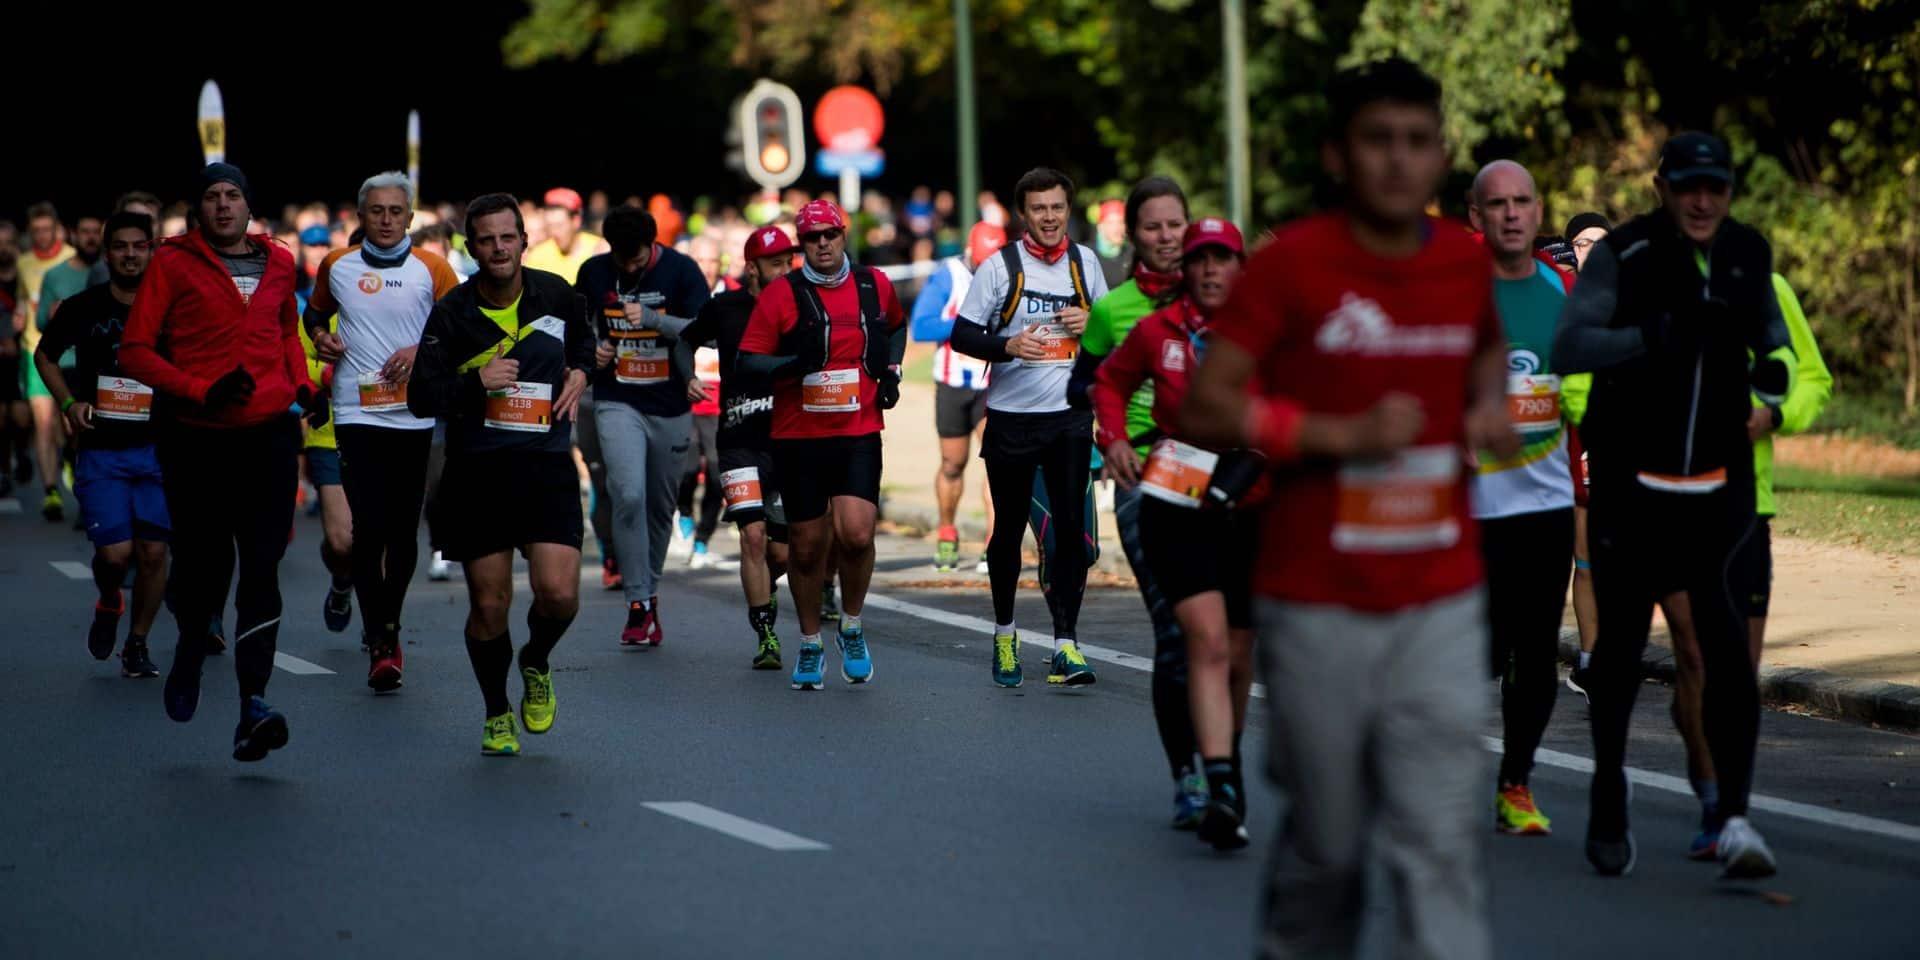 Le marathon de Bruxelles annulé et remplacé par un format virtuel